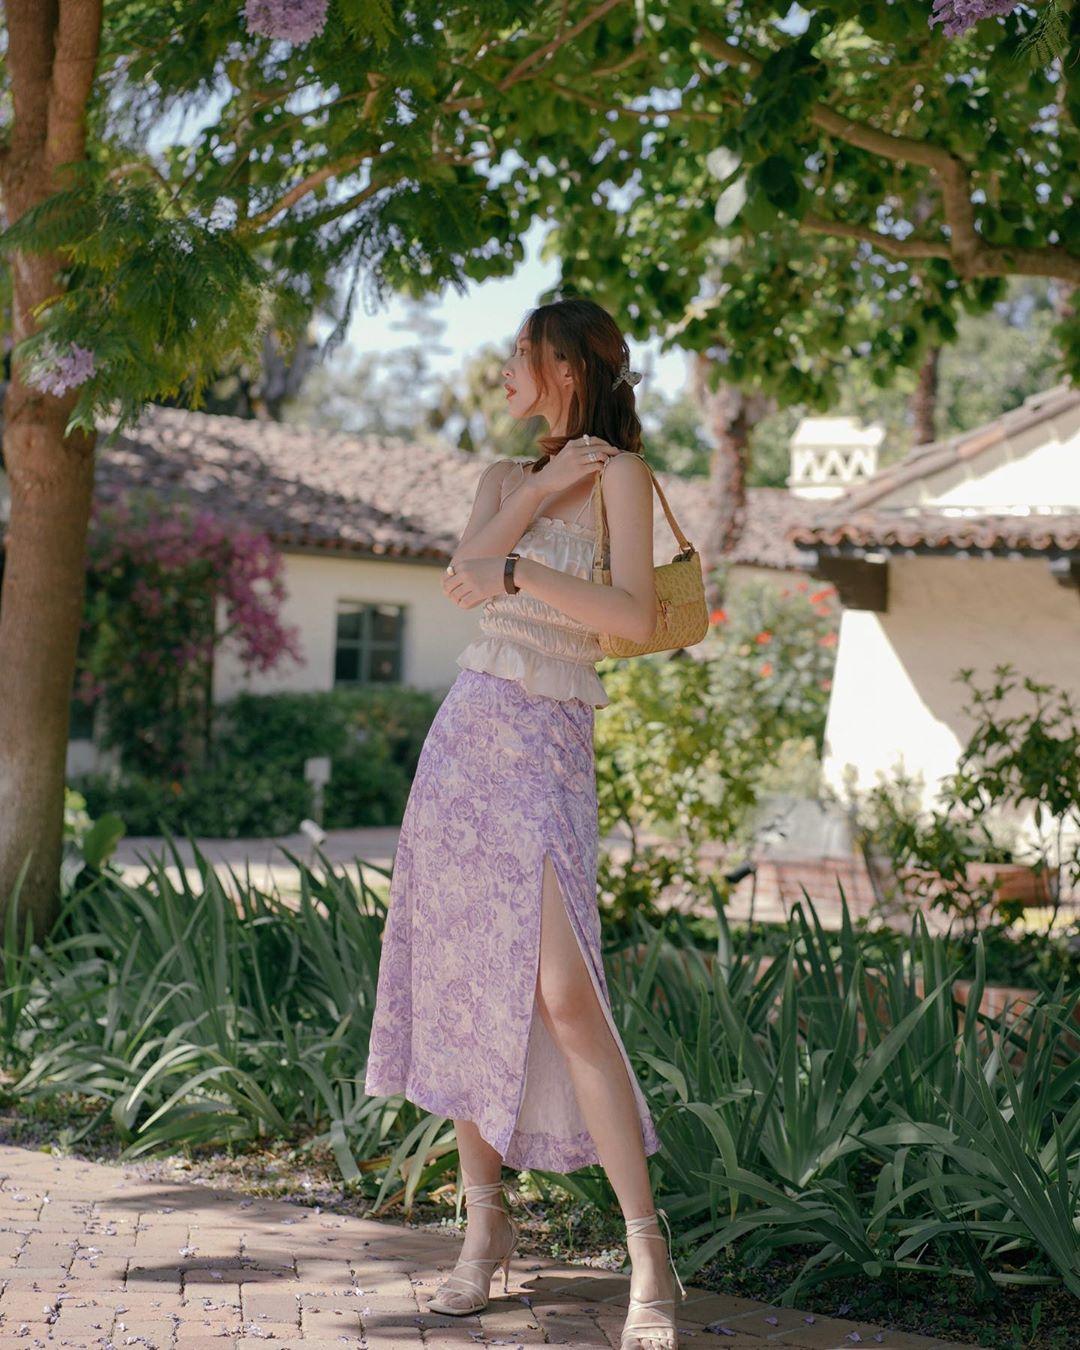 iris mang giày sandal nữ mũi vuông mặc áo hai dây xanh lá